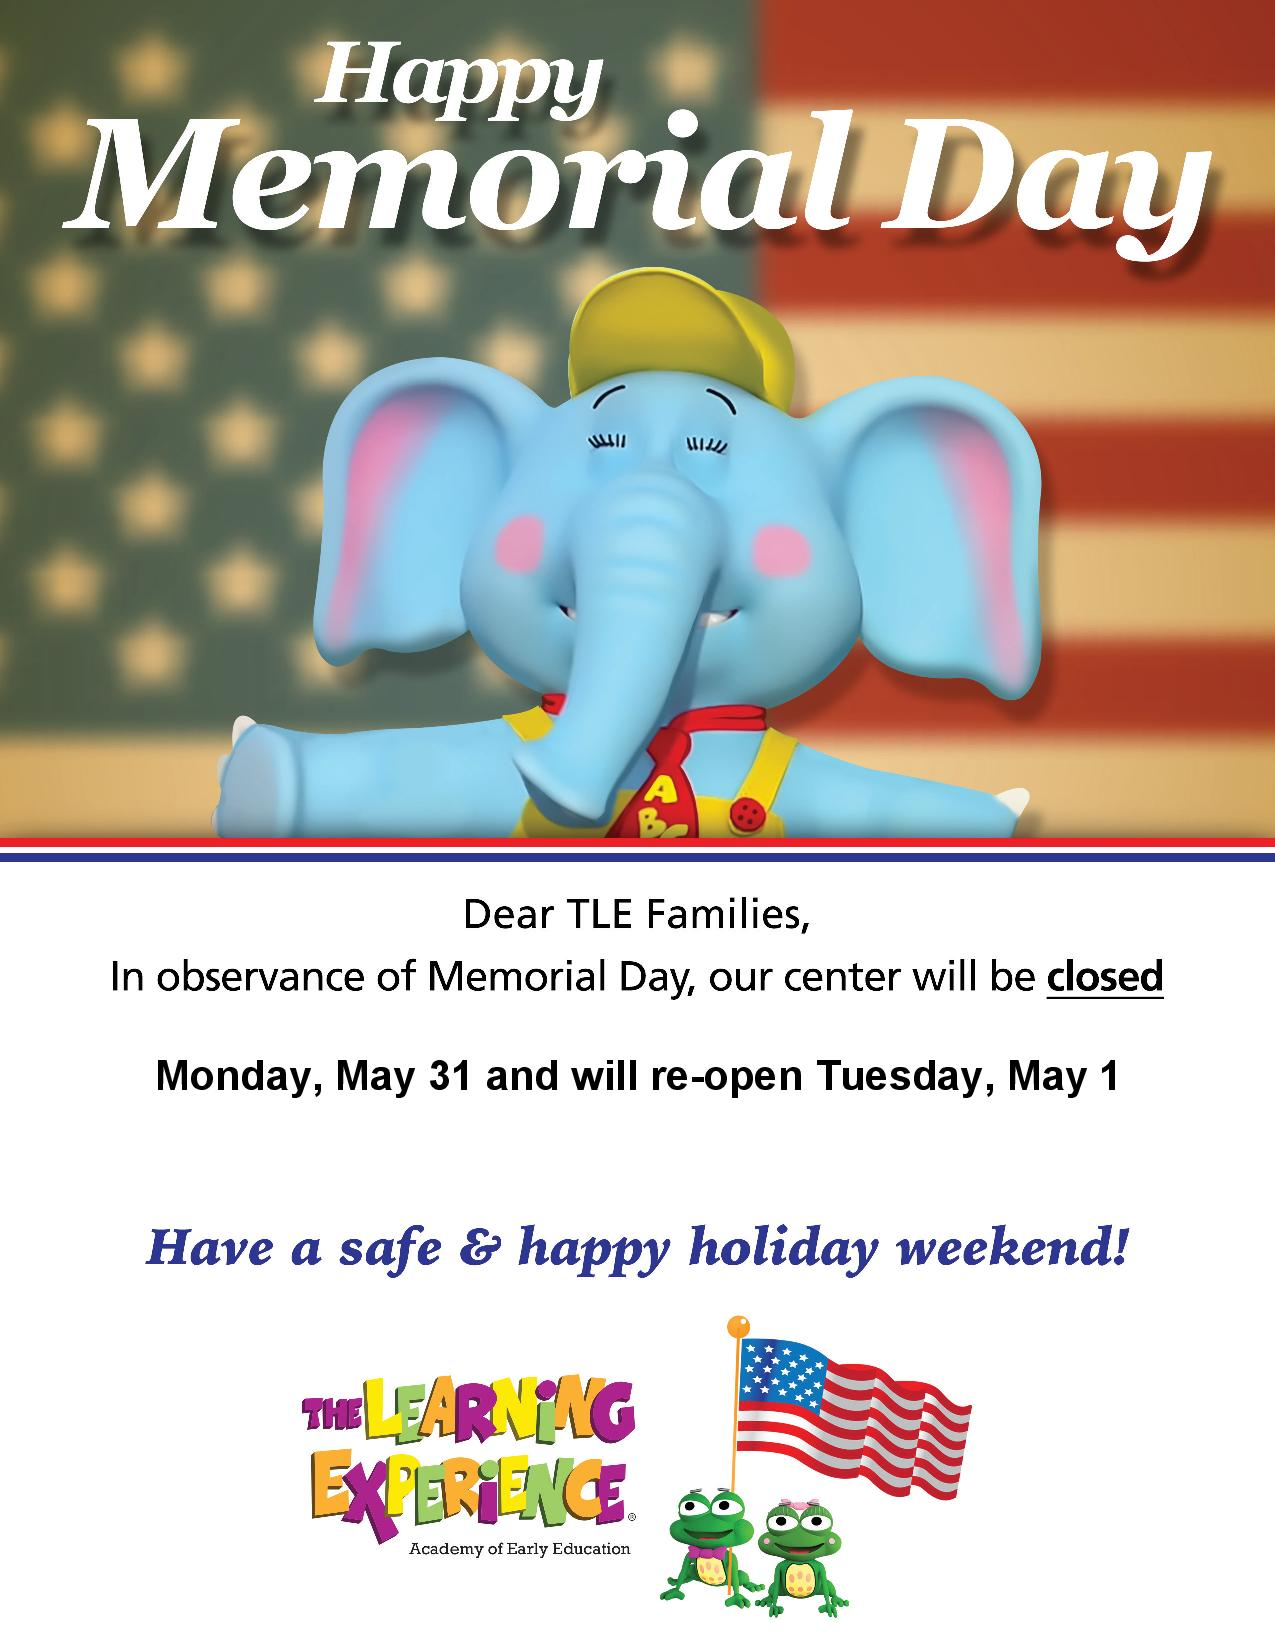 MemorialDay-Closure-Flyer (3)-page-001.jpg